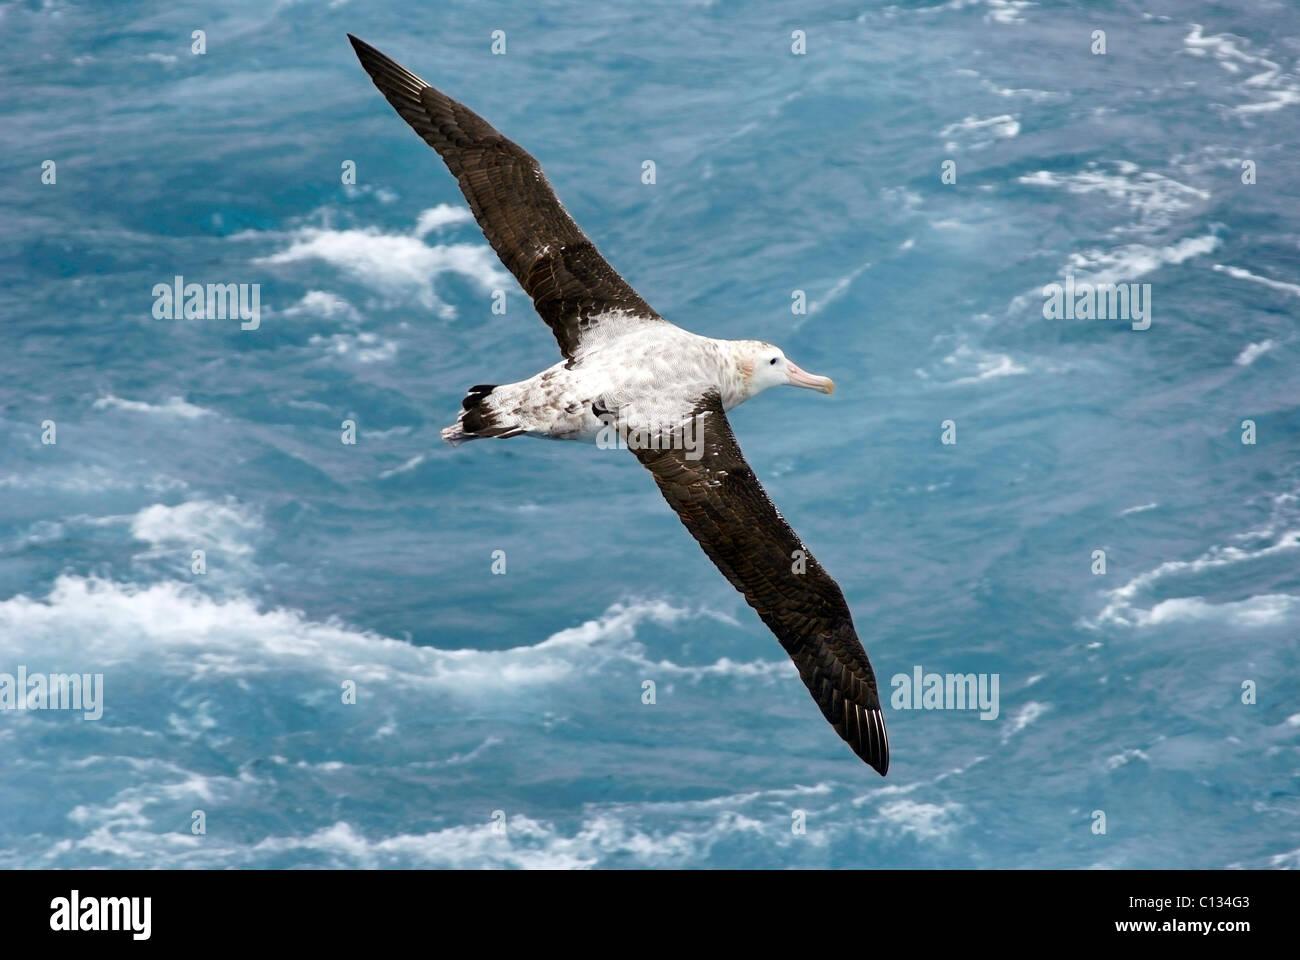 Wandering Albatross in flight. - Stock Image